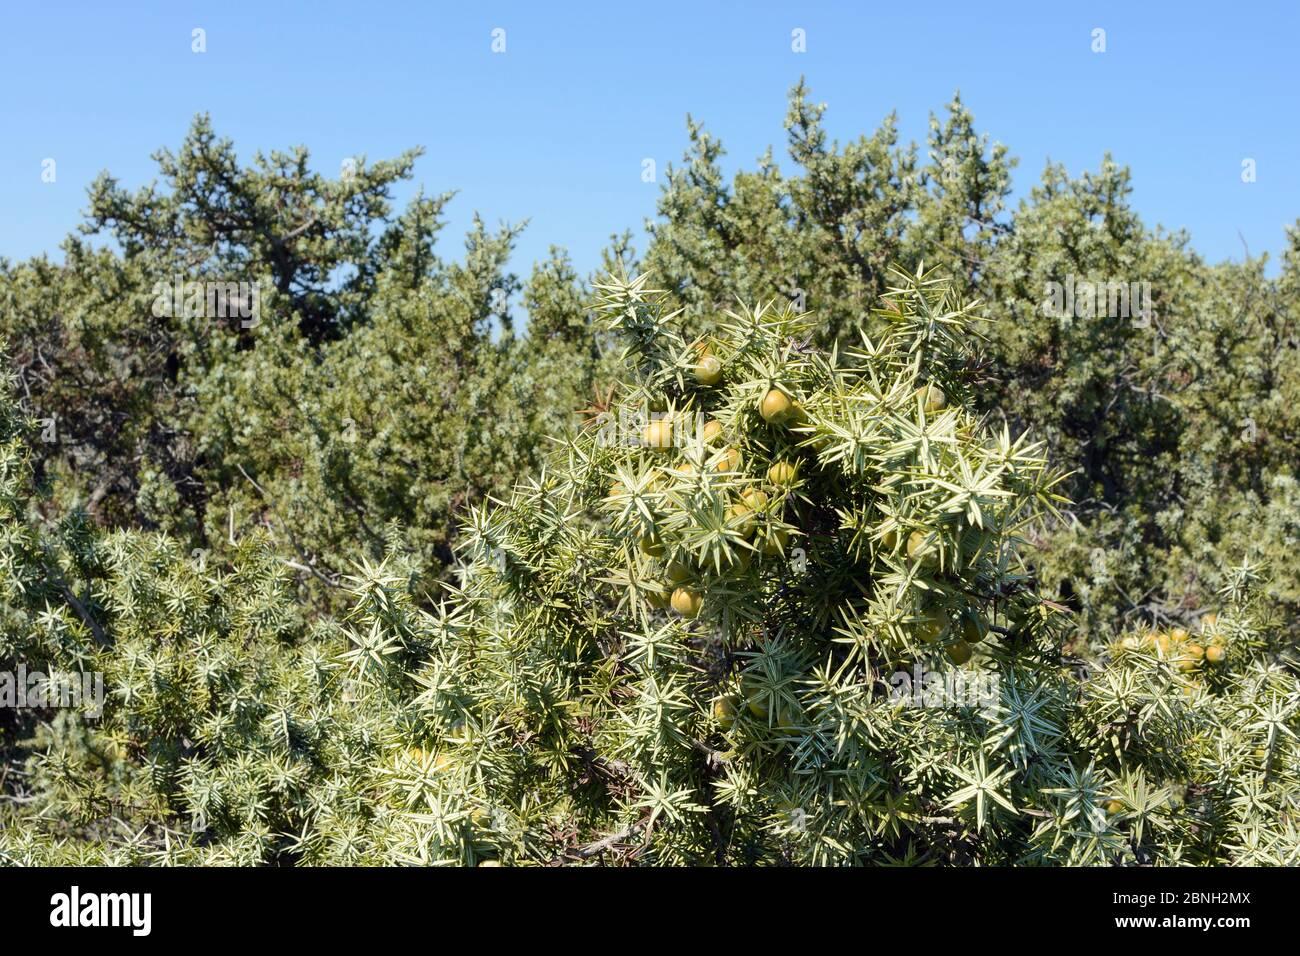 Großfruchtig-Wacholder (Juniperus macrocarpa), mit reifenden Samenkegel in Küstenmaquis scrubland, Kos, Dodekanes, Griechenland, August 2013. Stockfoto